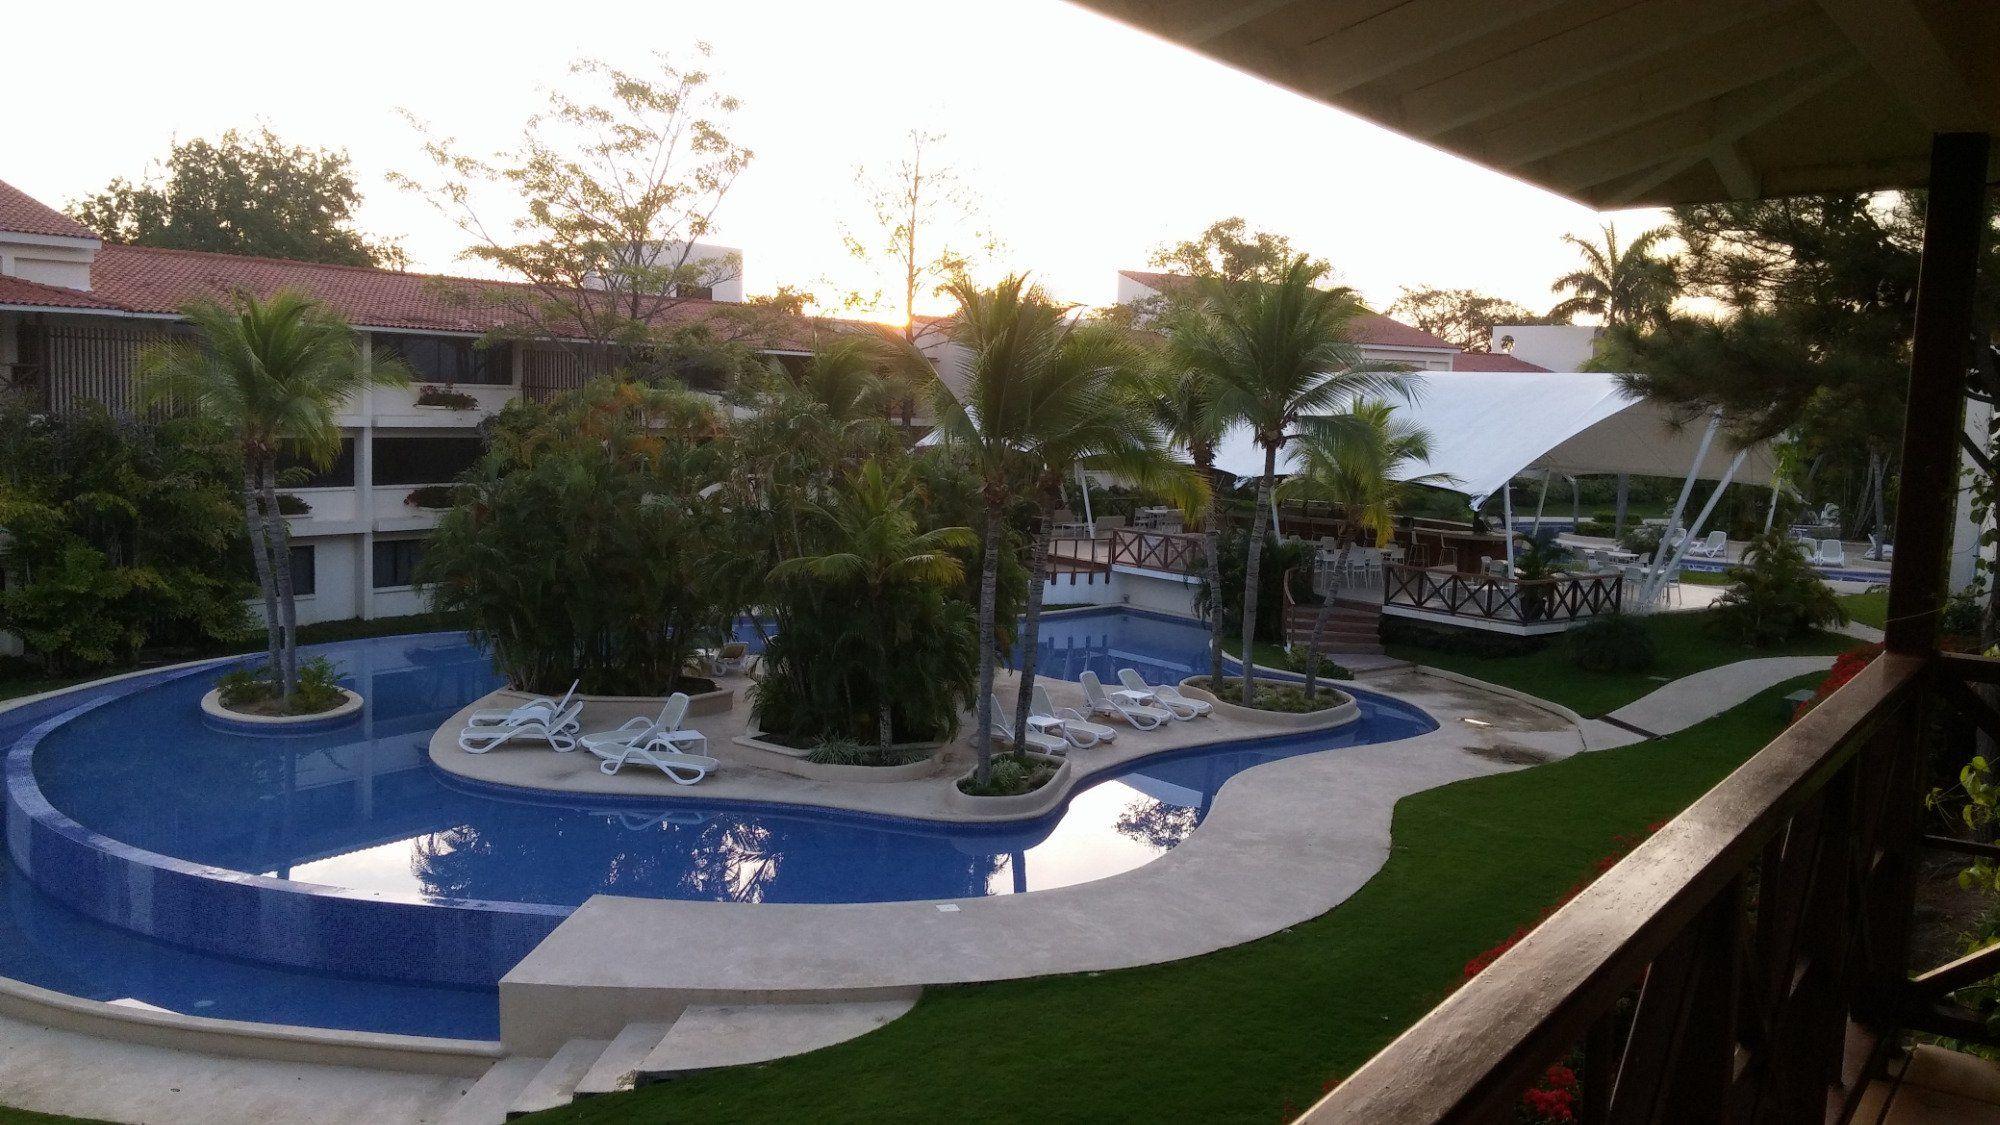 Bluebay Coronado Golf Beach Resort Desde 2 403 Panama Playa Coronado Opiniones Y Comentarios Panama Playas Hoteles En Panama Decoracion De Exteriores